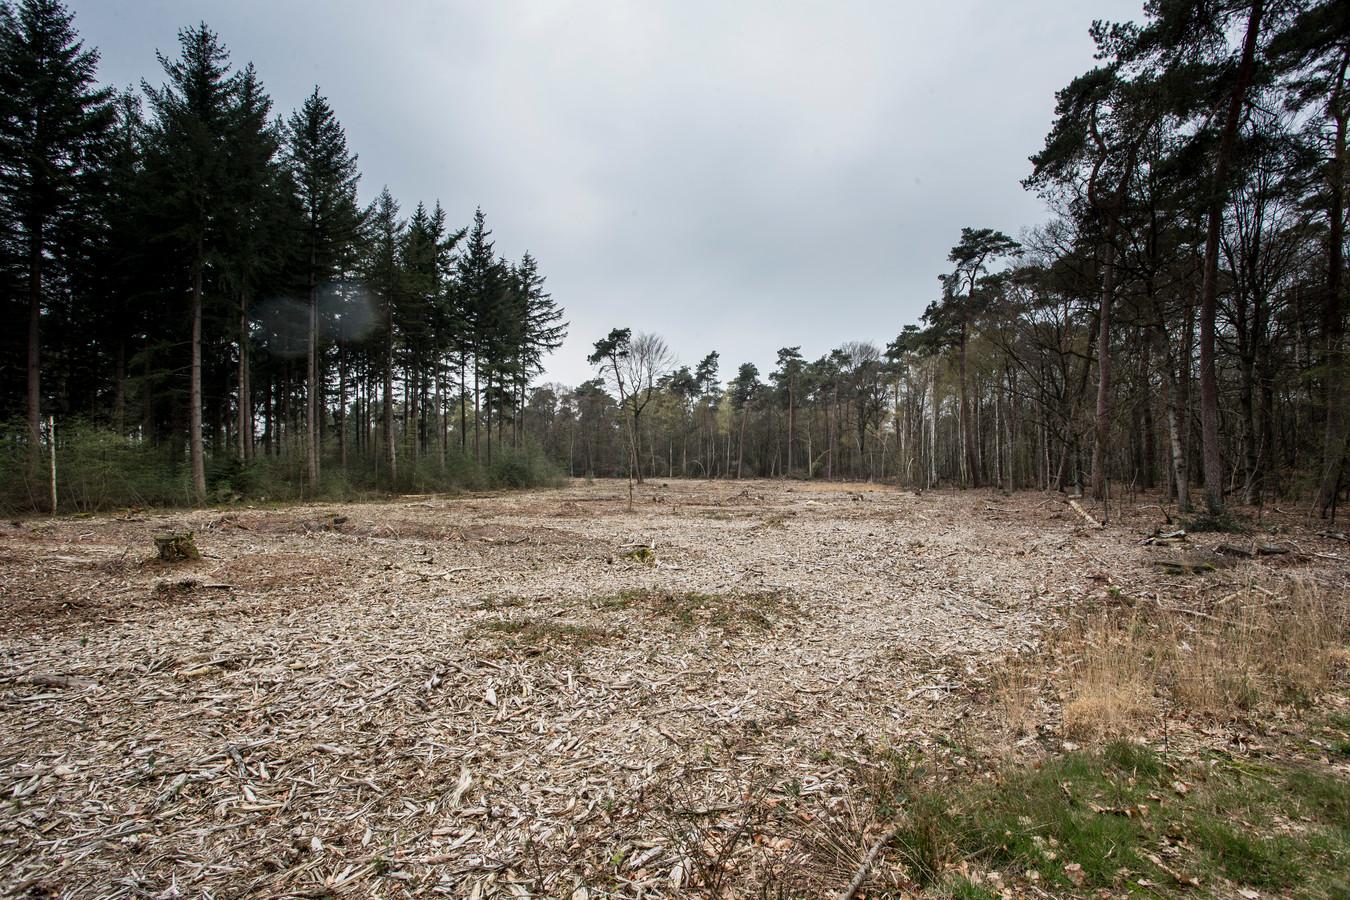 Een kapvlakte van 1 hectare groot bij een bos van Staatsbosbeheer in Ruurlo. Deze kap vond 3 jaar geleden plaats.